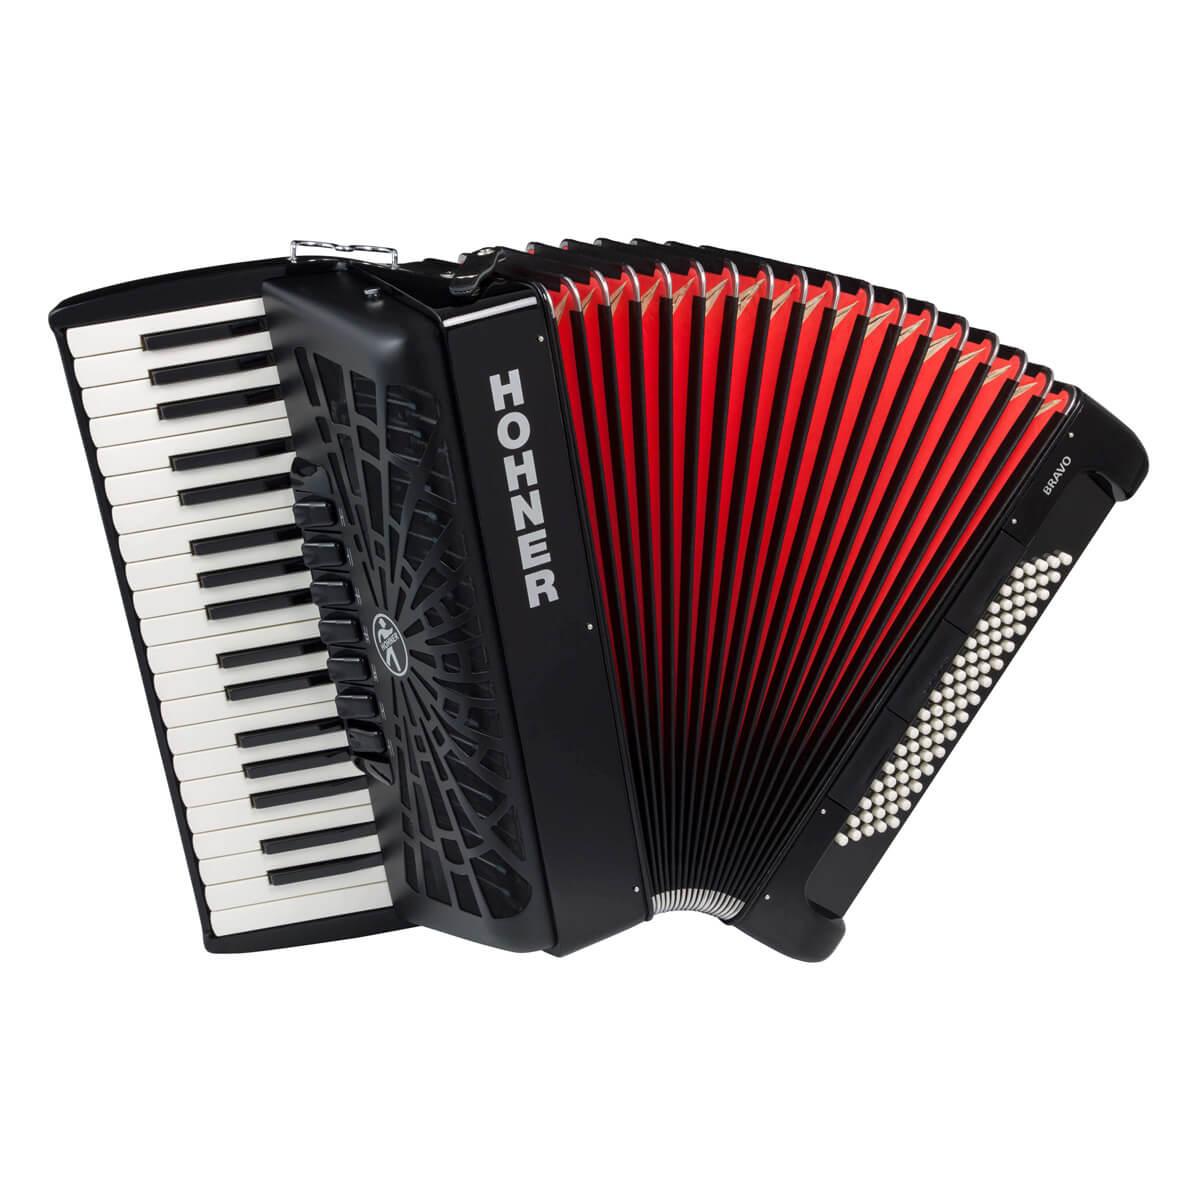 Hohner Bravo III 80 piano-harmonika